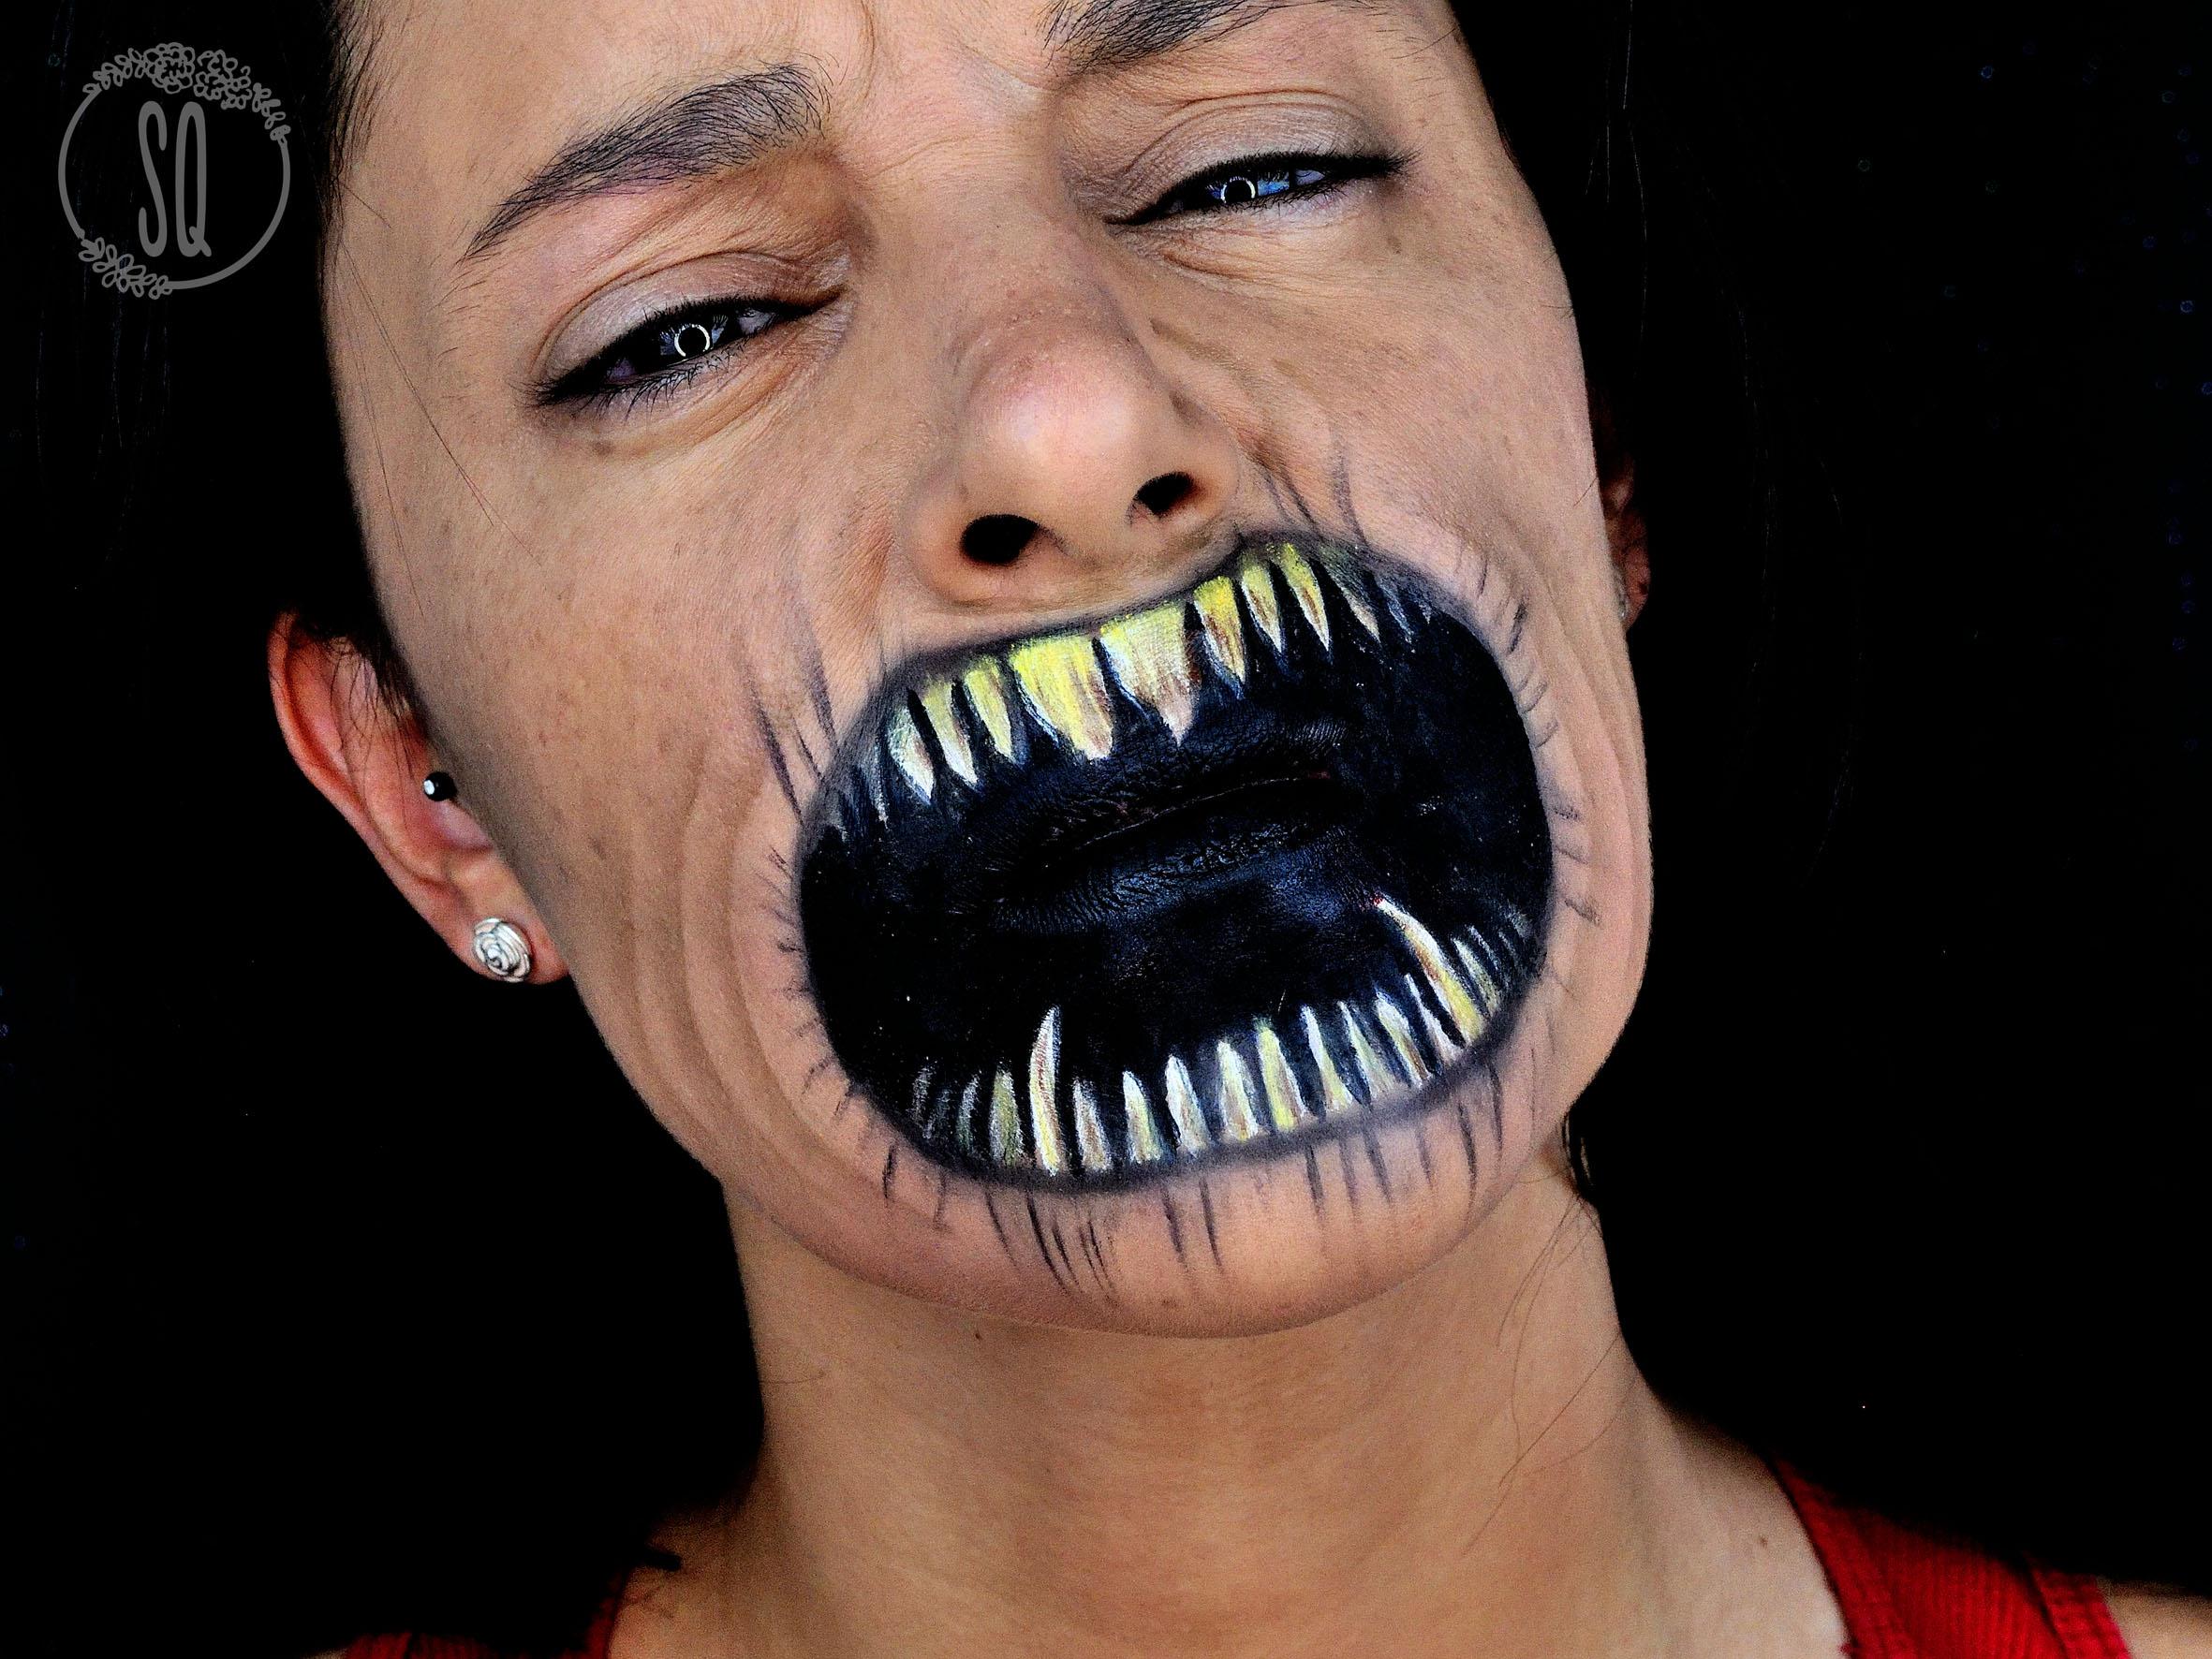 tutorial maquillaje efecto boca de diablo tutorial maquillaje efecto boca de diablo - Maquillaje Demonio